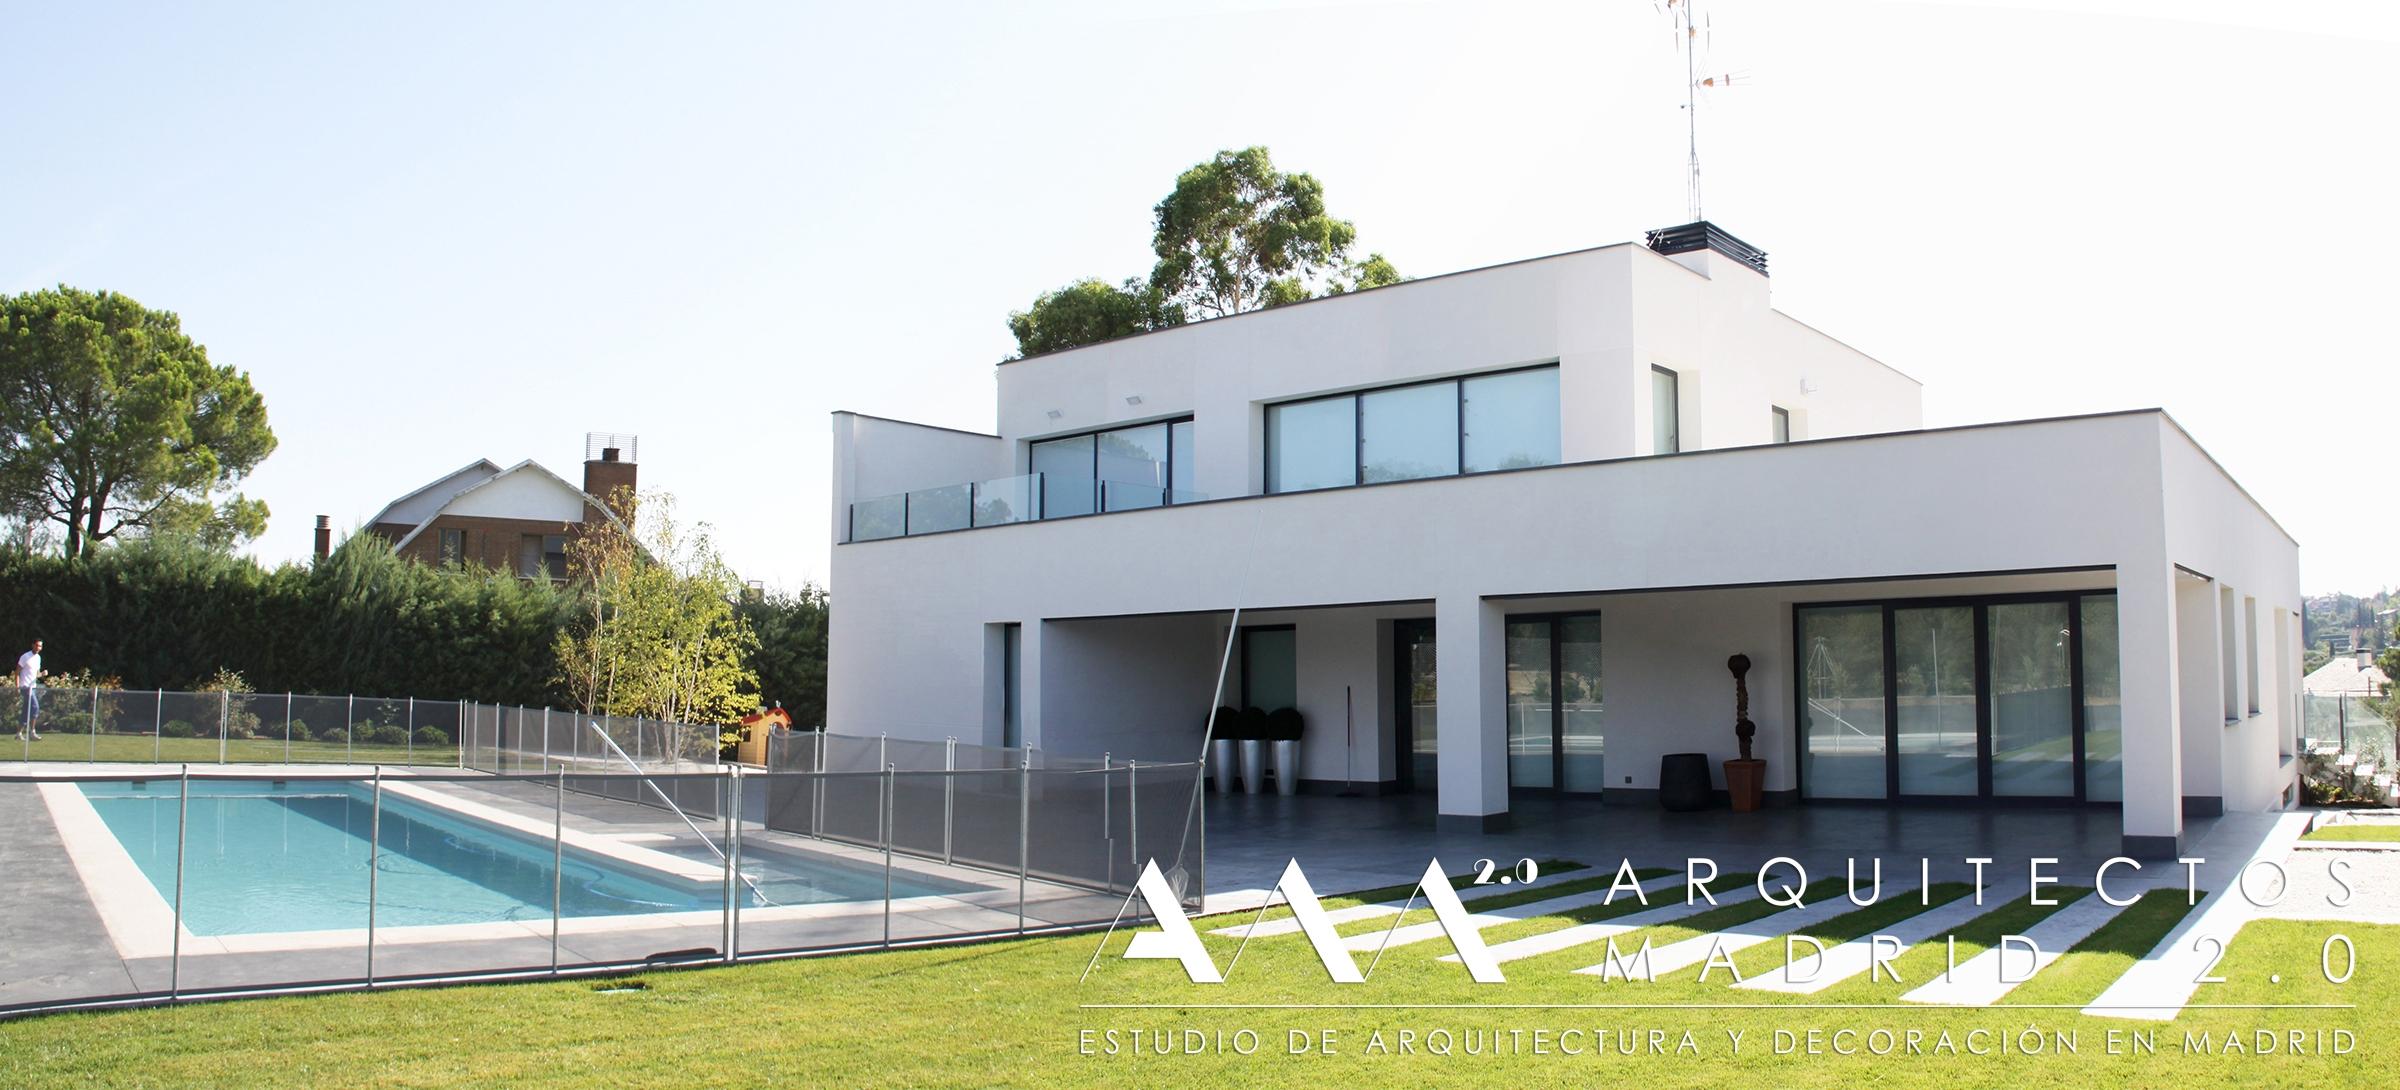 Proyecto y construcci n de casa moderna viviendas de for Construccion piscinas madrid